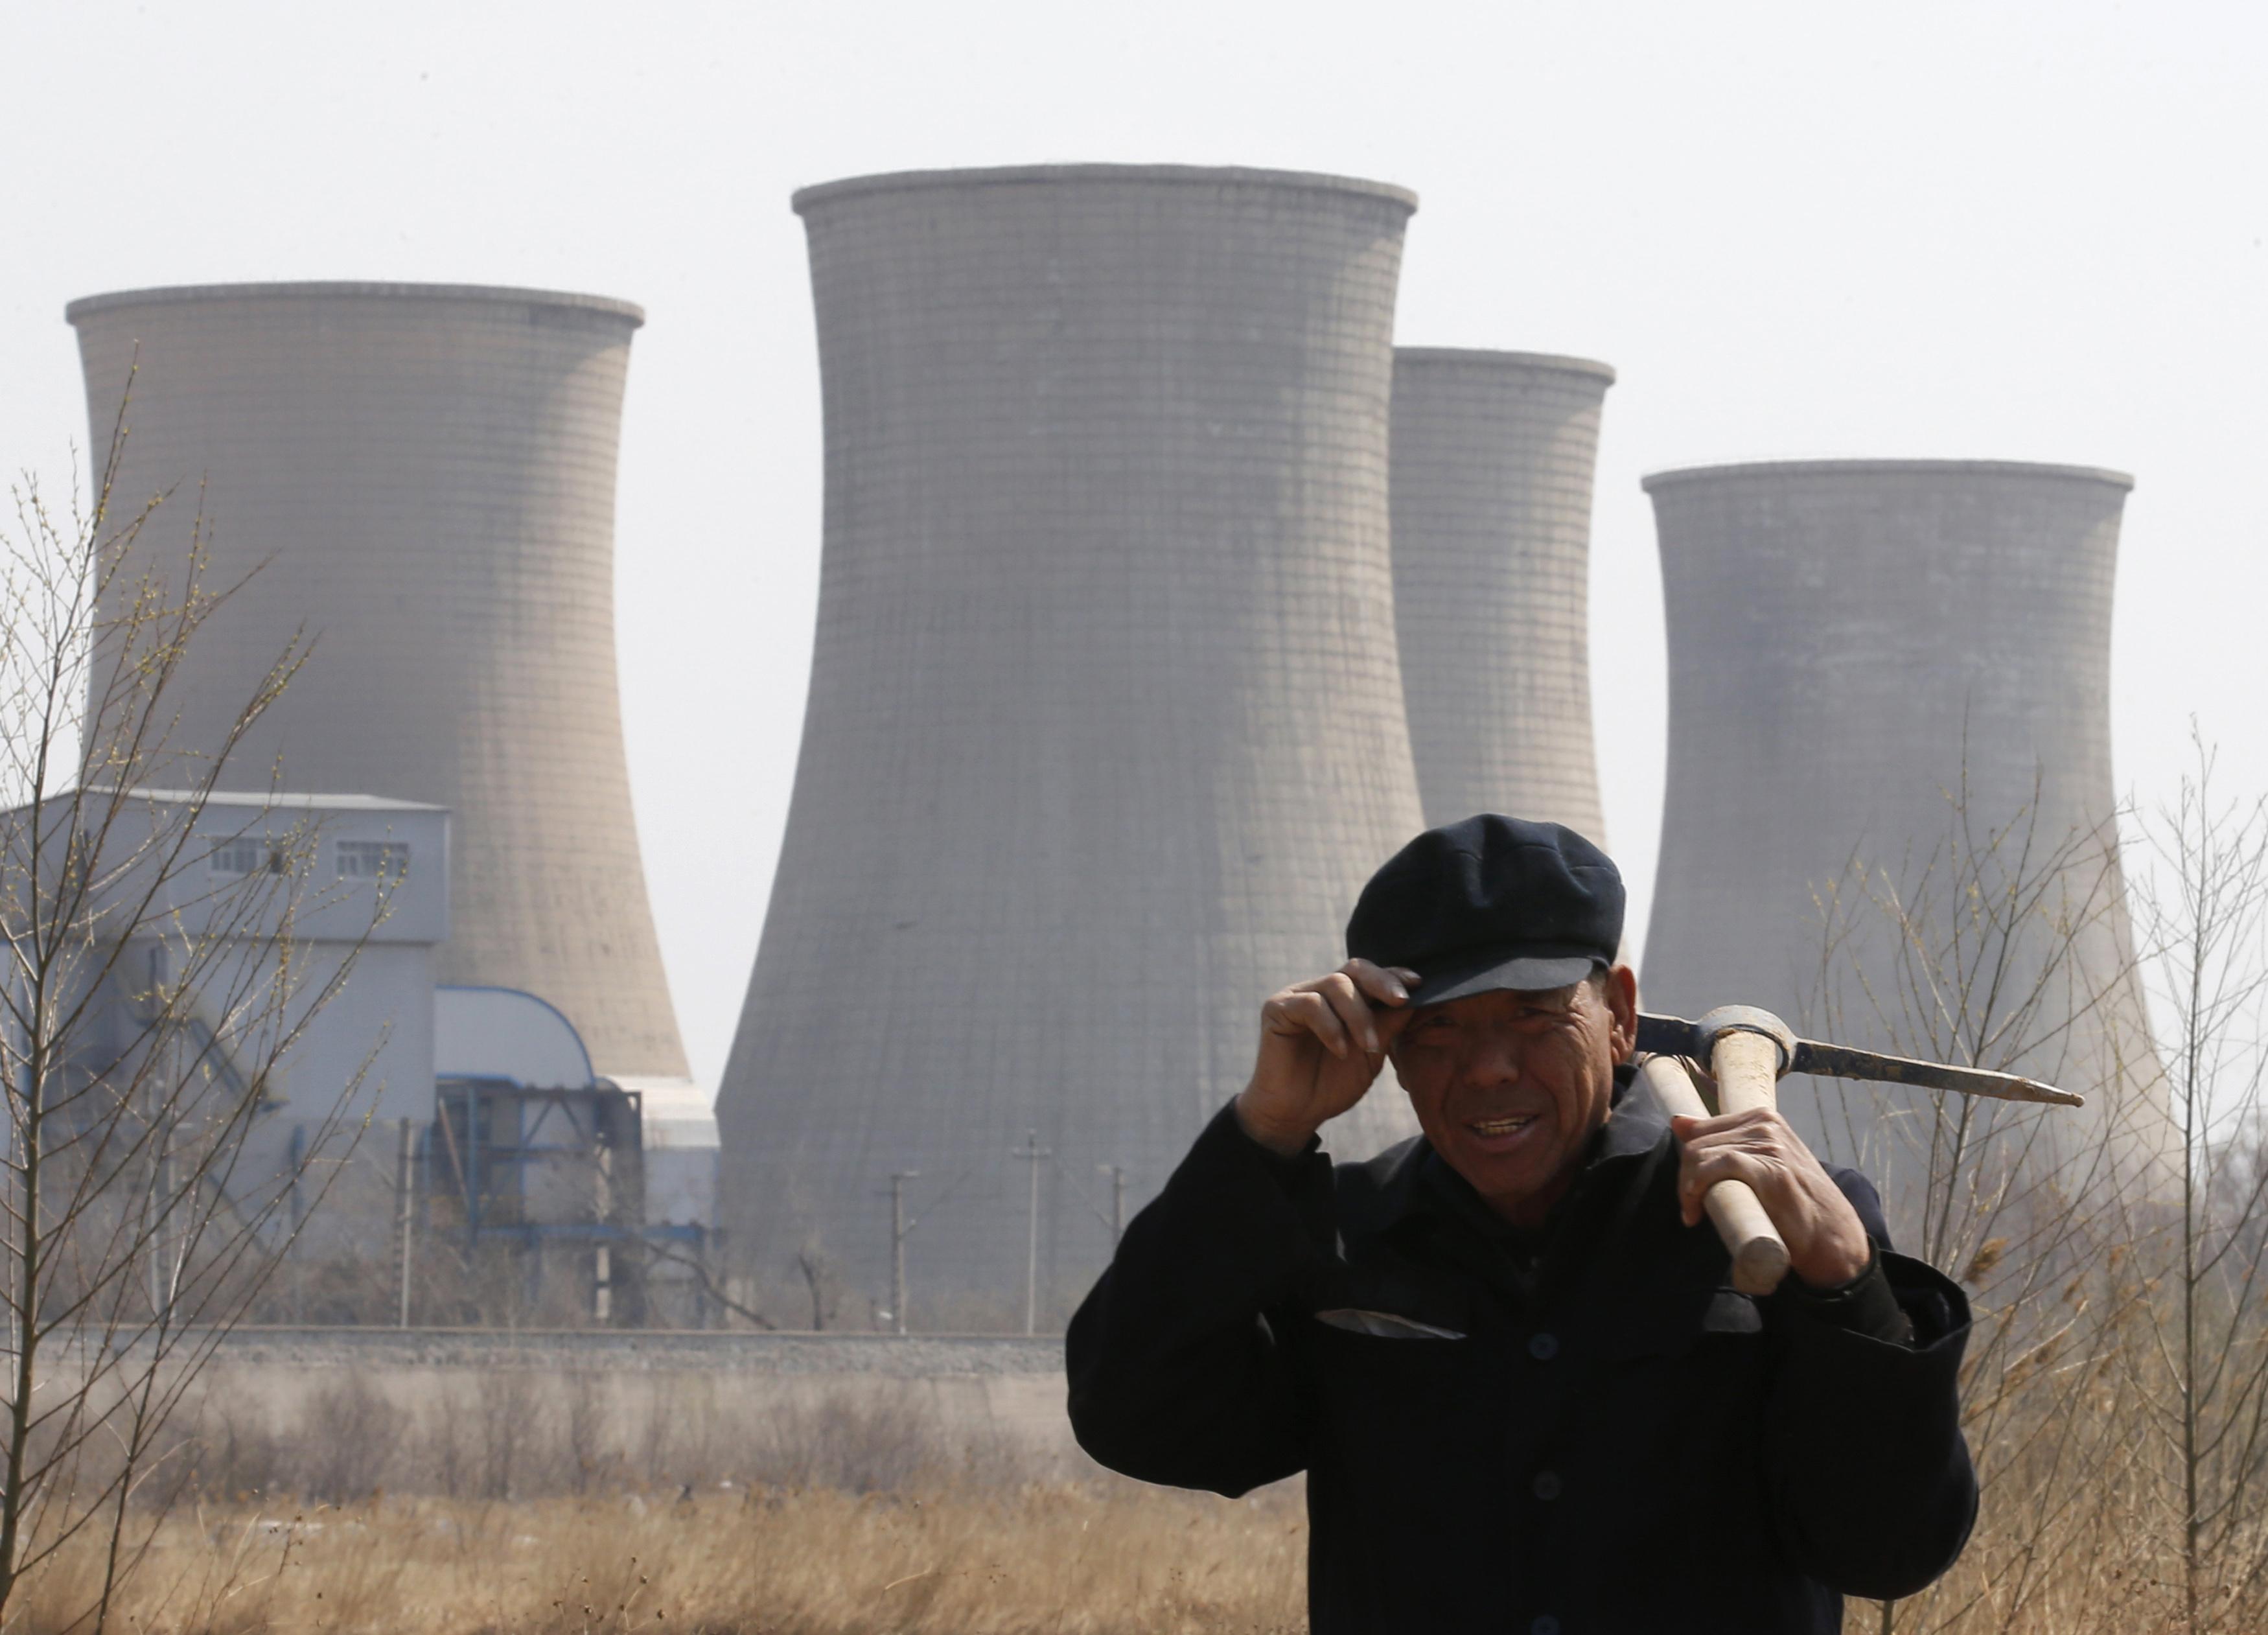 A worker walks past a steel factory in Beijing on April 1, 2013